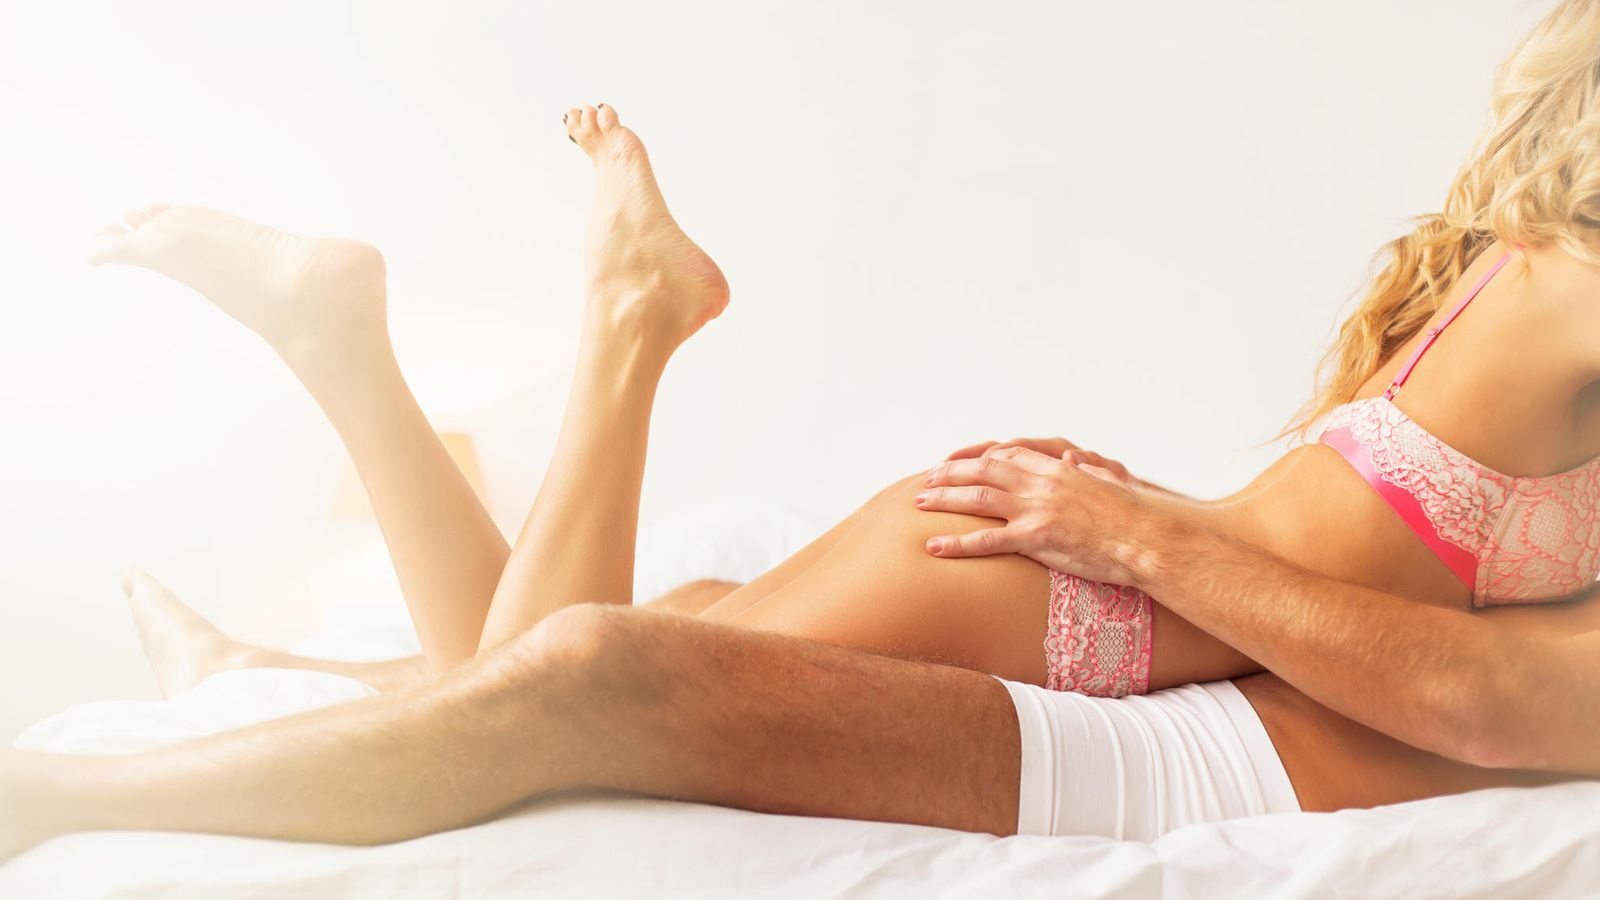 suomi seksi chat hyvä nainen sängyssä